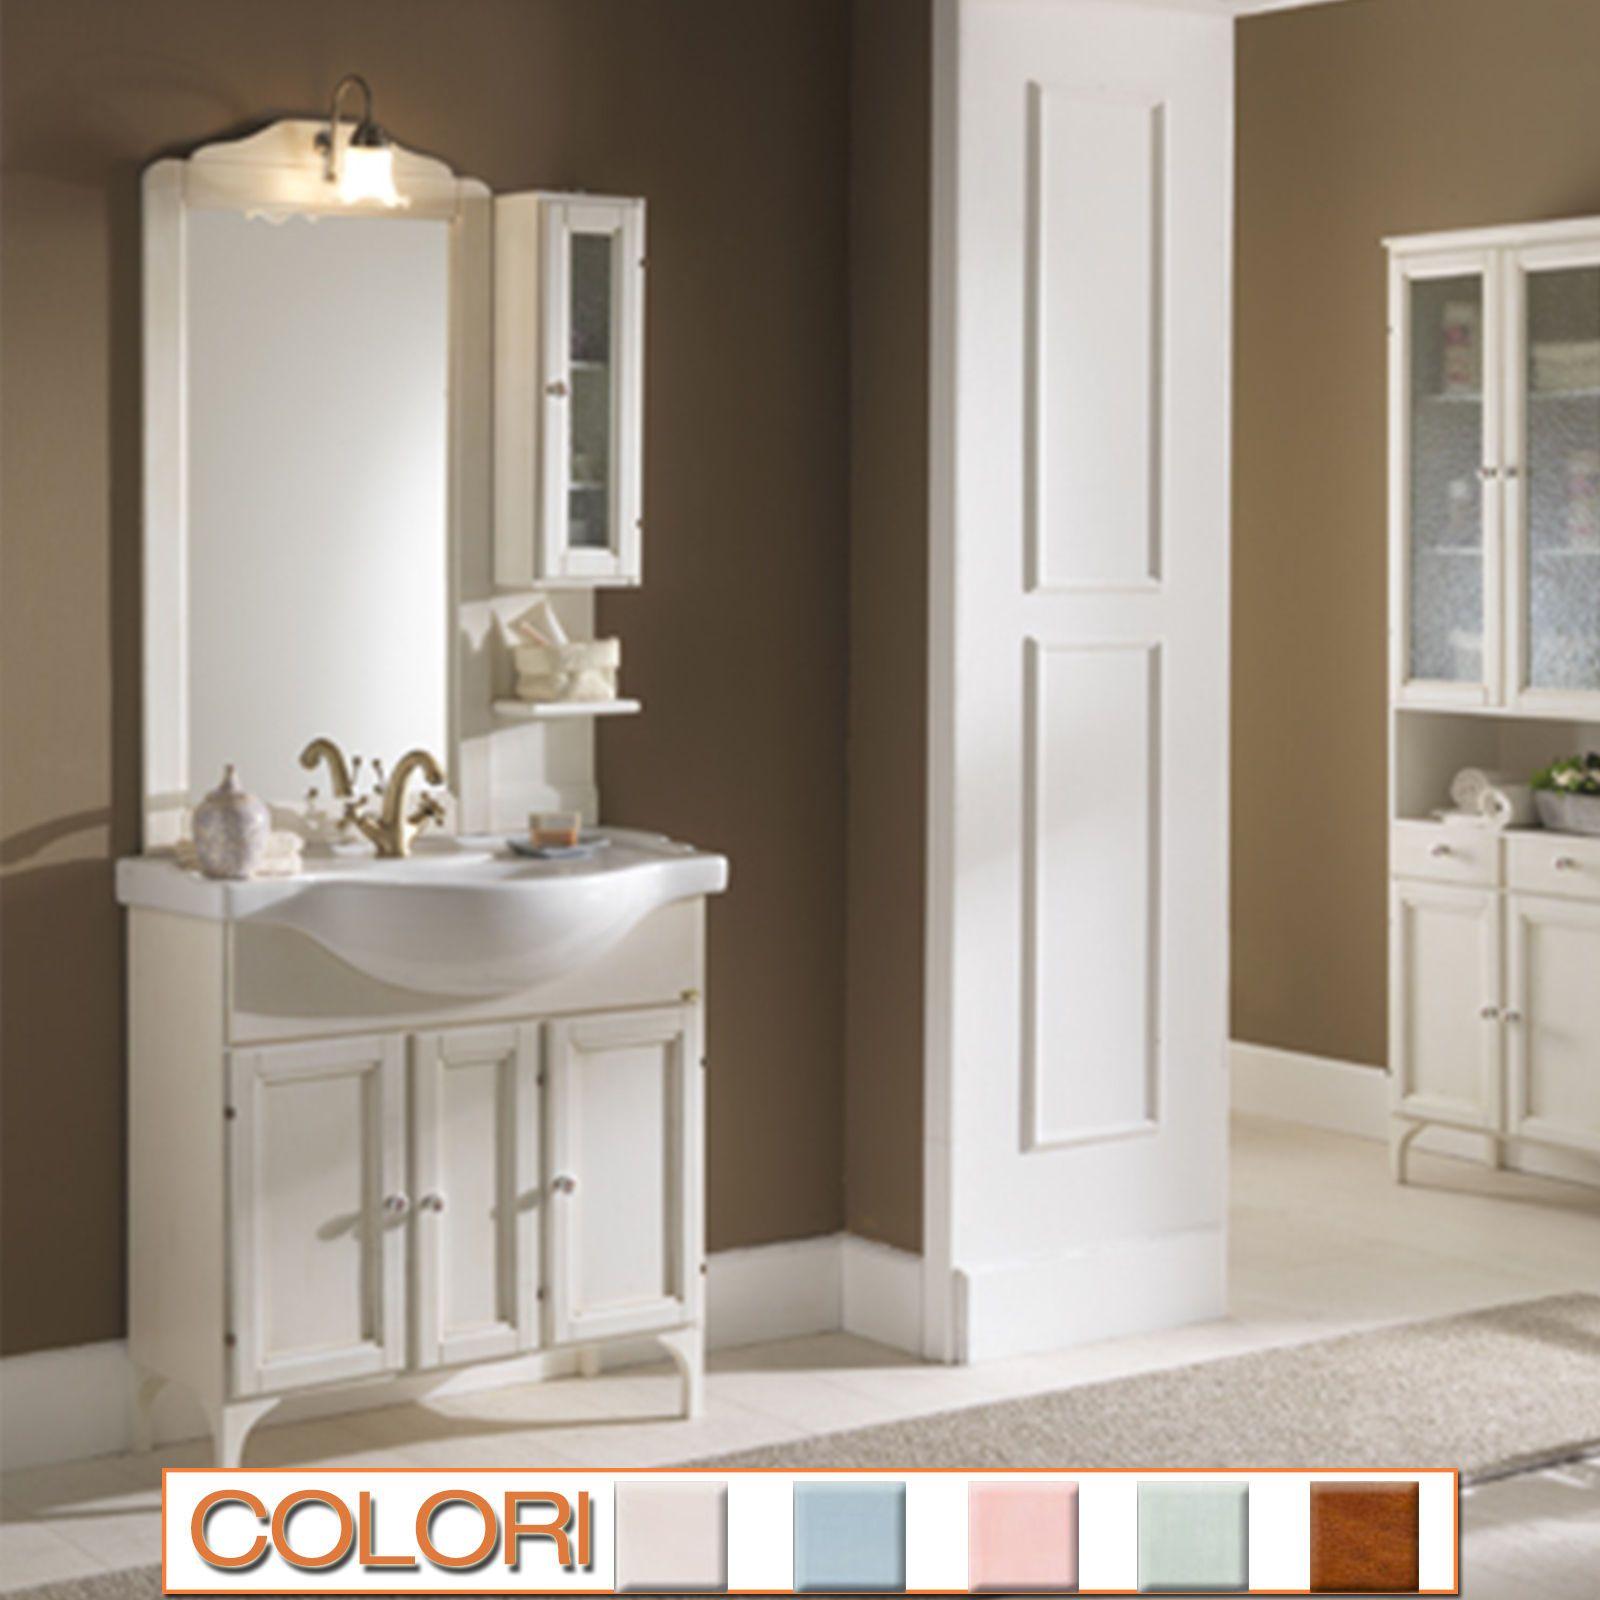 Mobile bagno classico bianco cm 85 con lavabo retr pensile laterale specchio ebay idee casa - Mobile bagno classico bianco ...